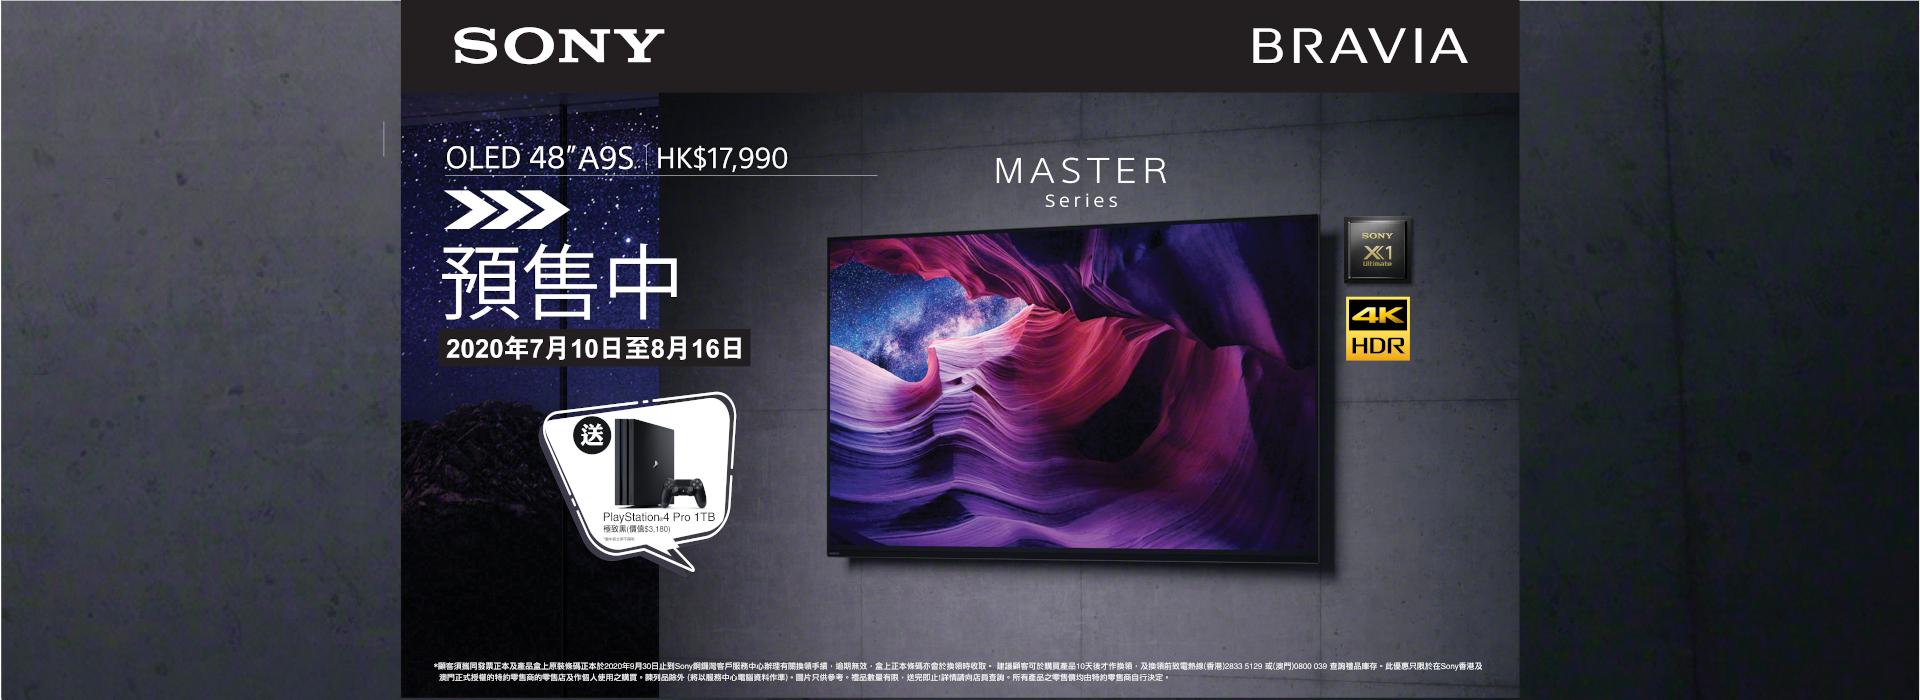 Sony A9S Pre-sales